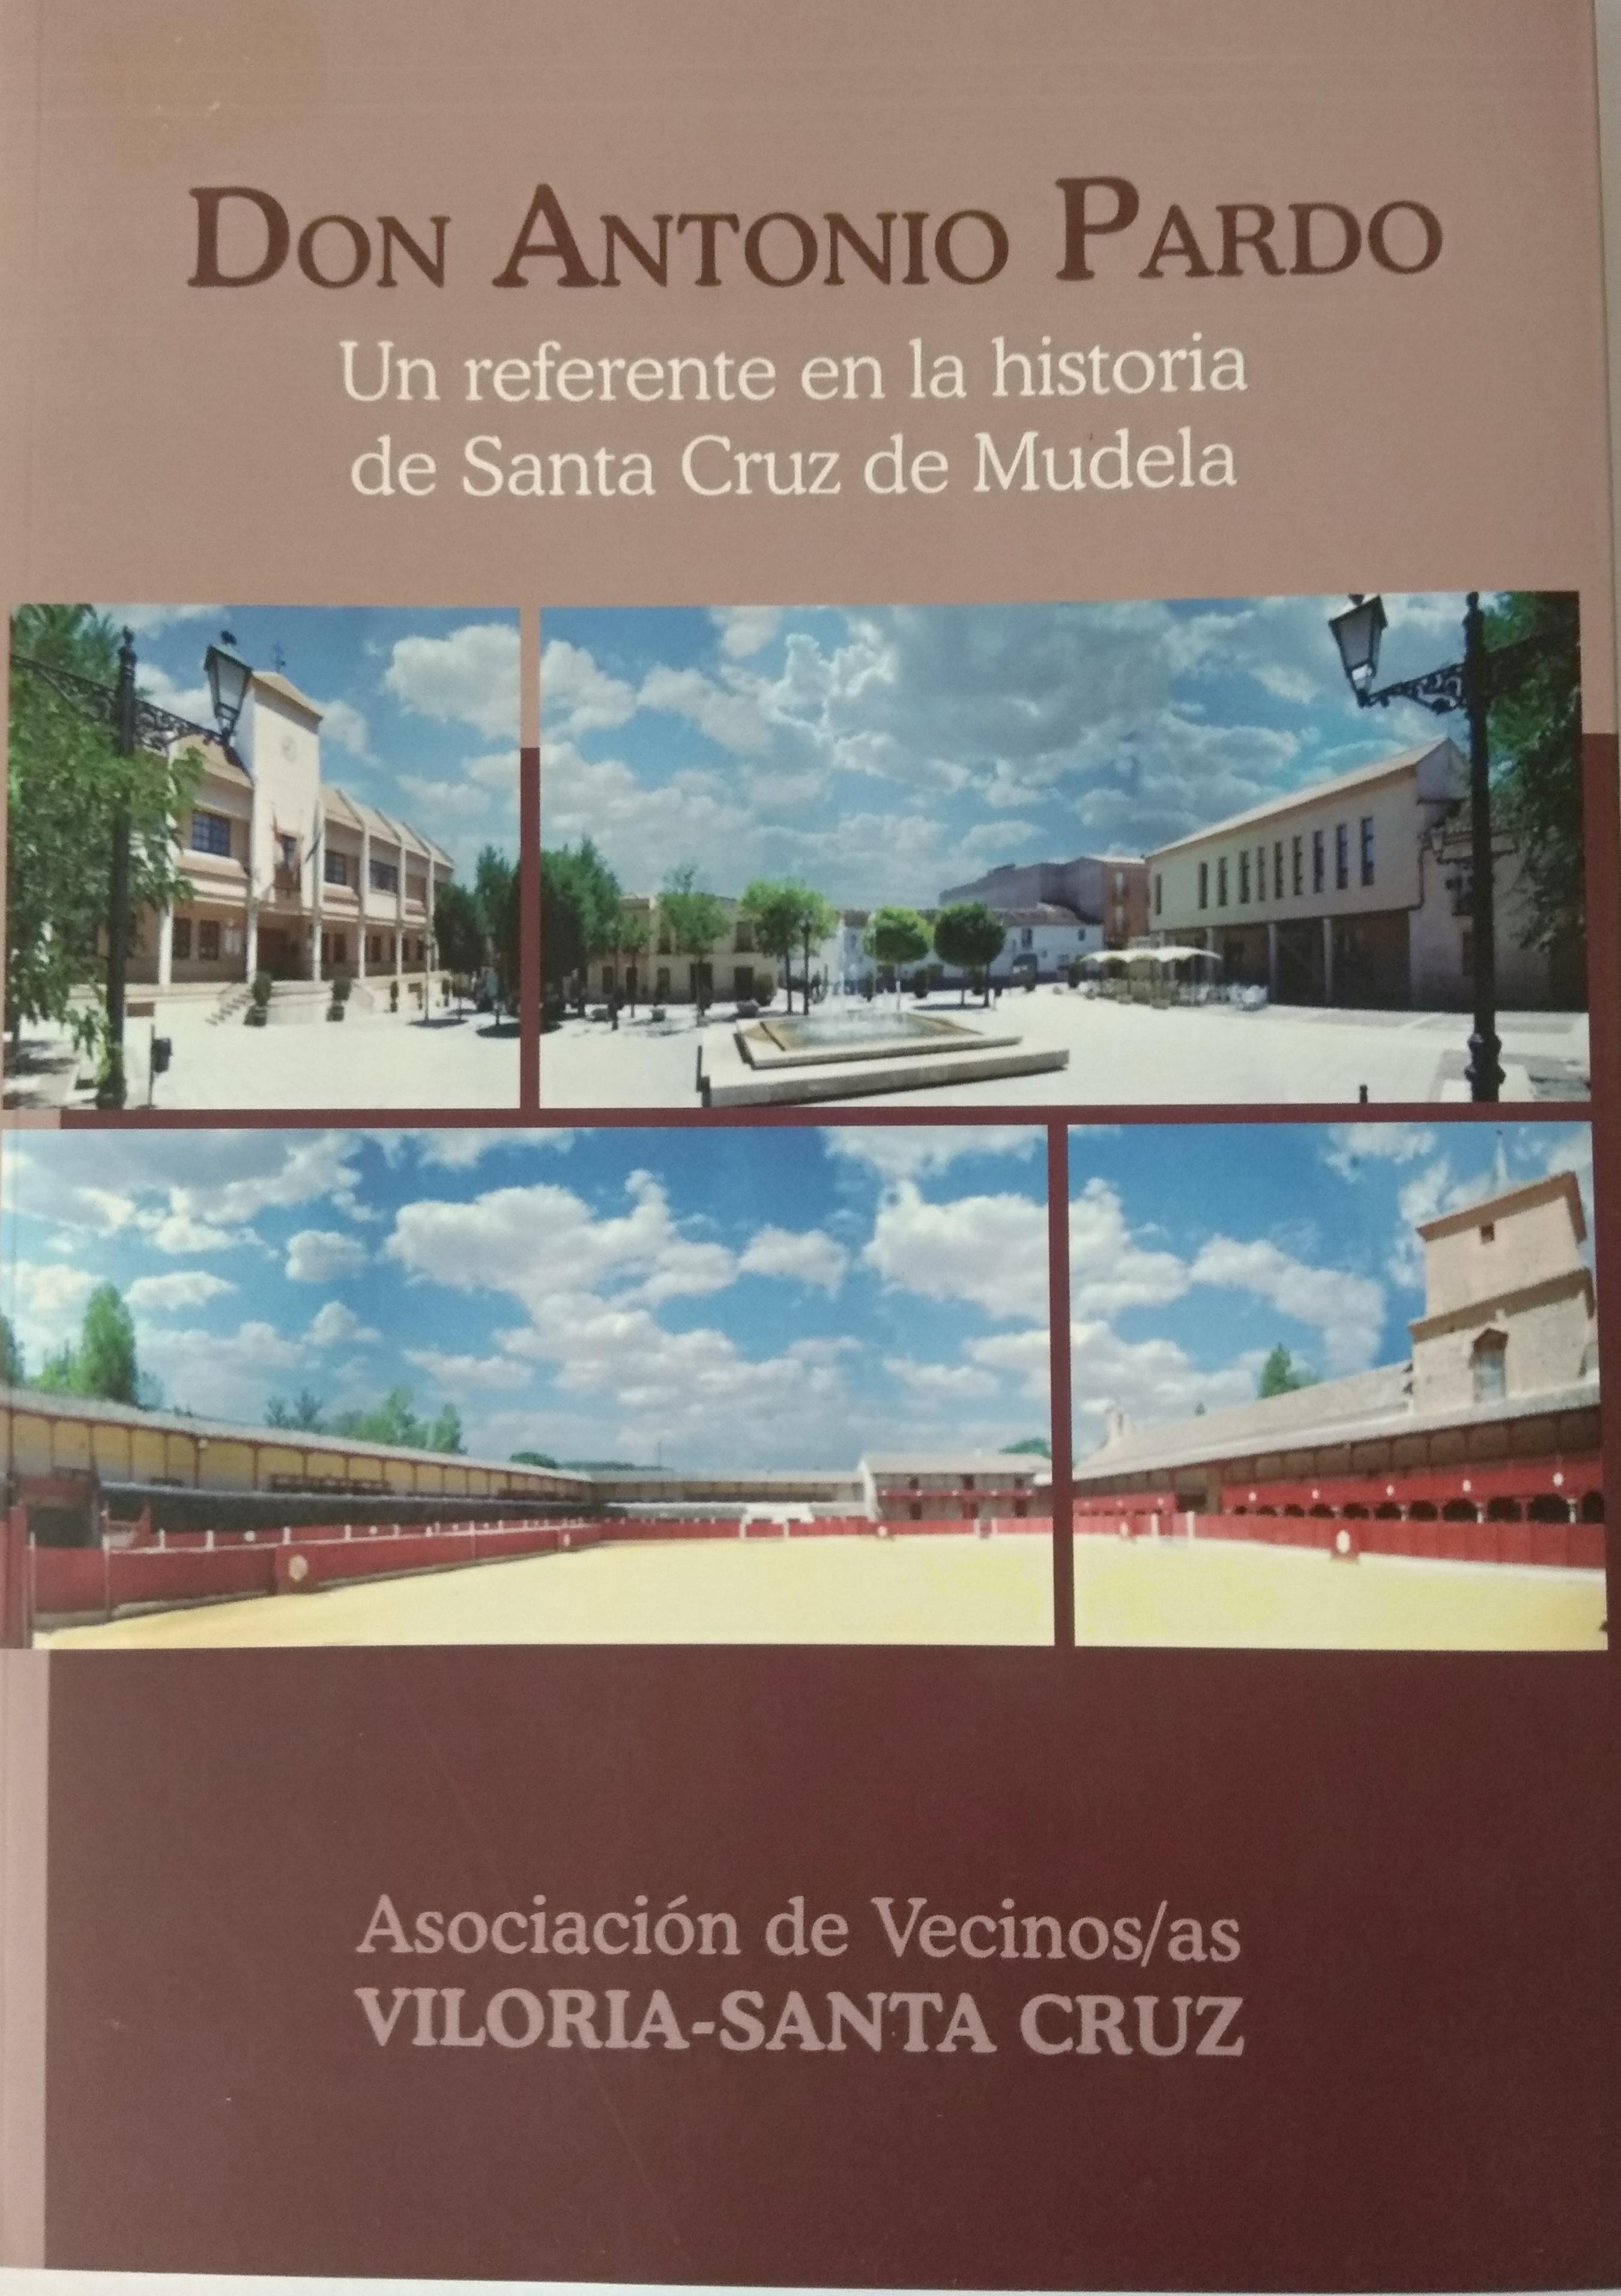 DON ANTONIO PARDO Historia de Santa Cruz de Mudela